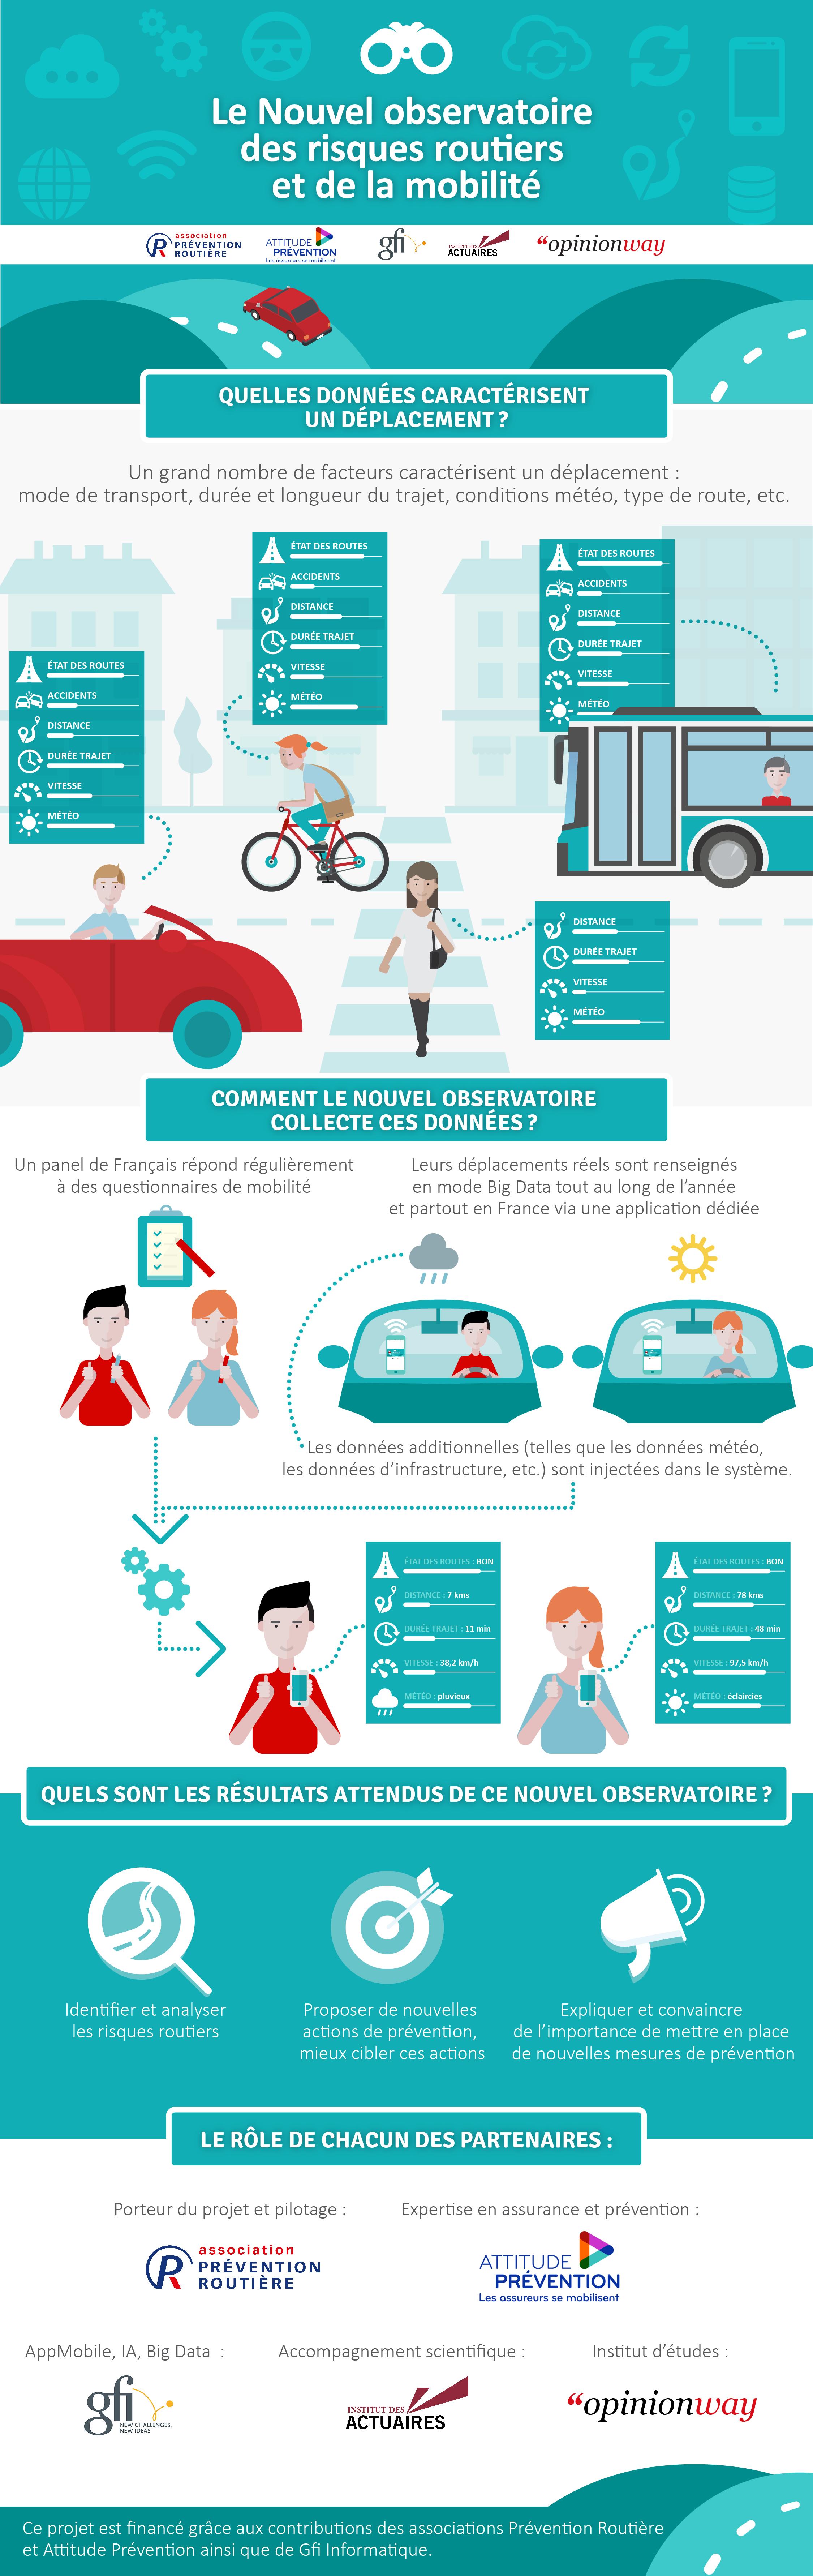 Nouvel observatoire des risques routiers et de la mobilité - Infographie